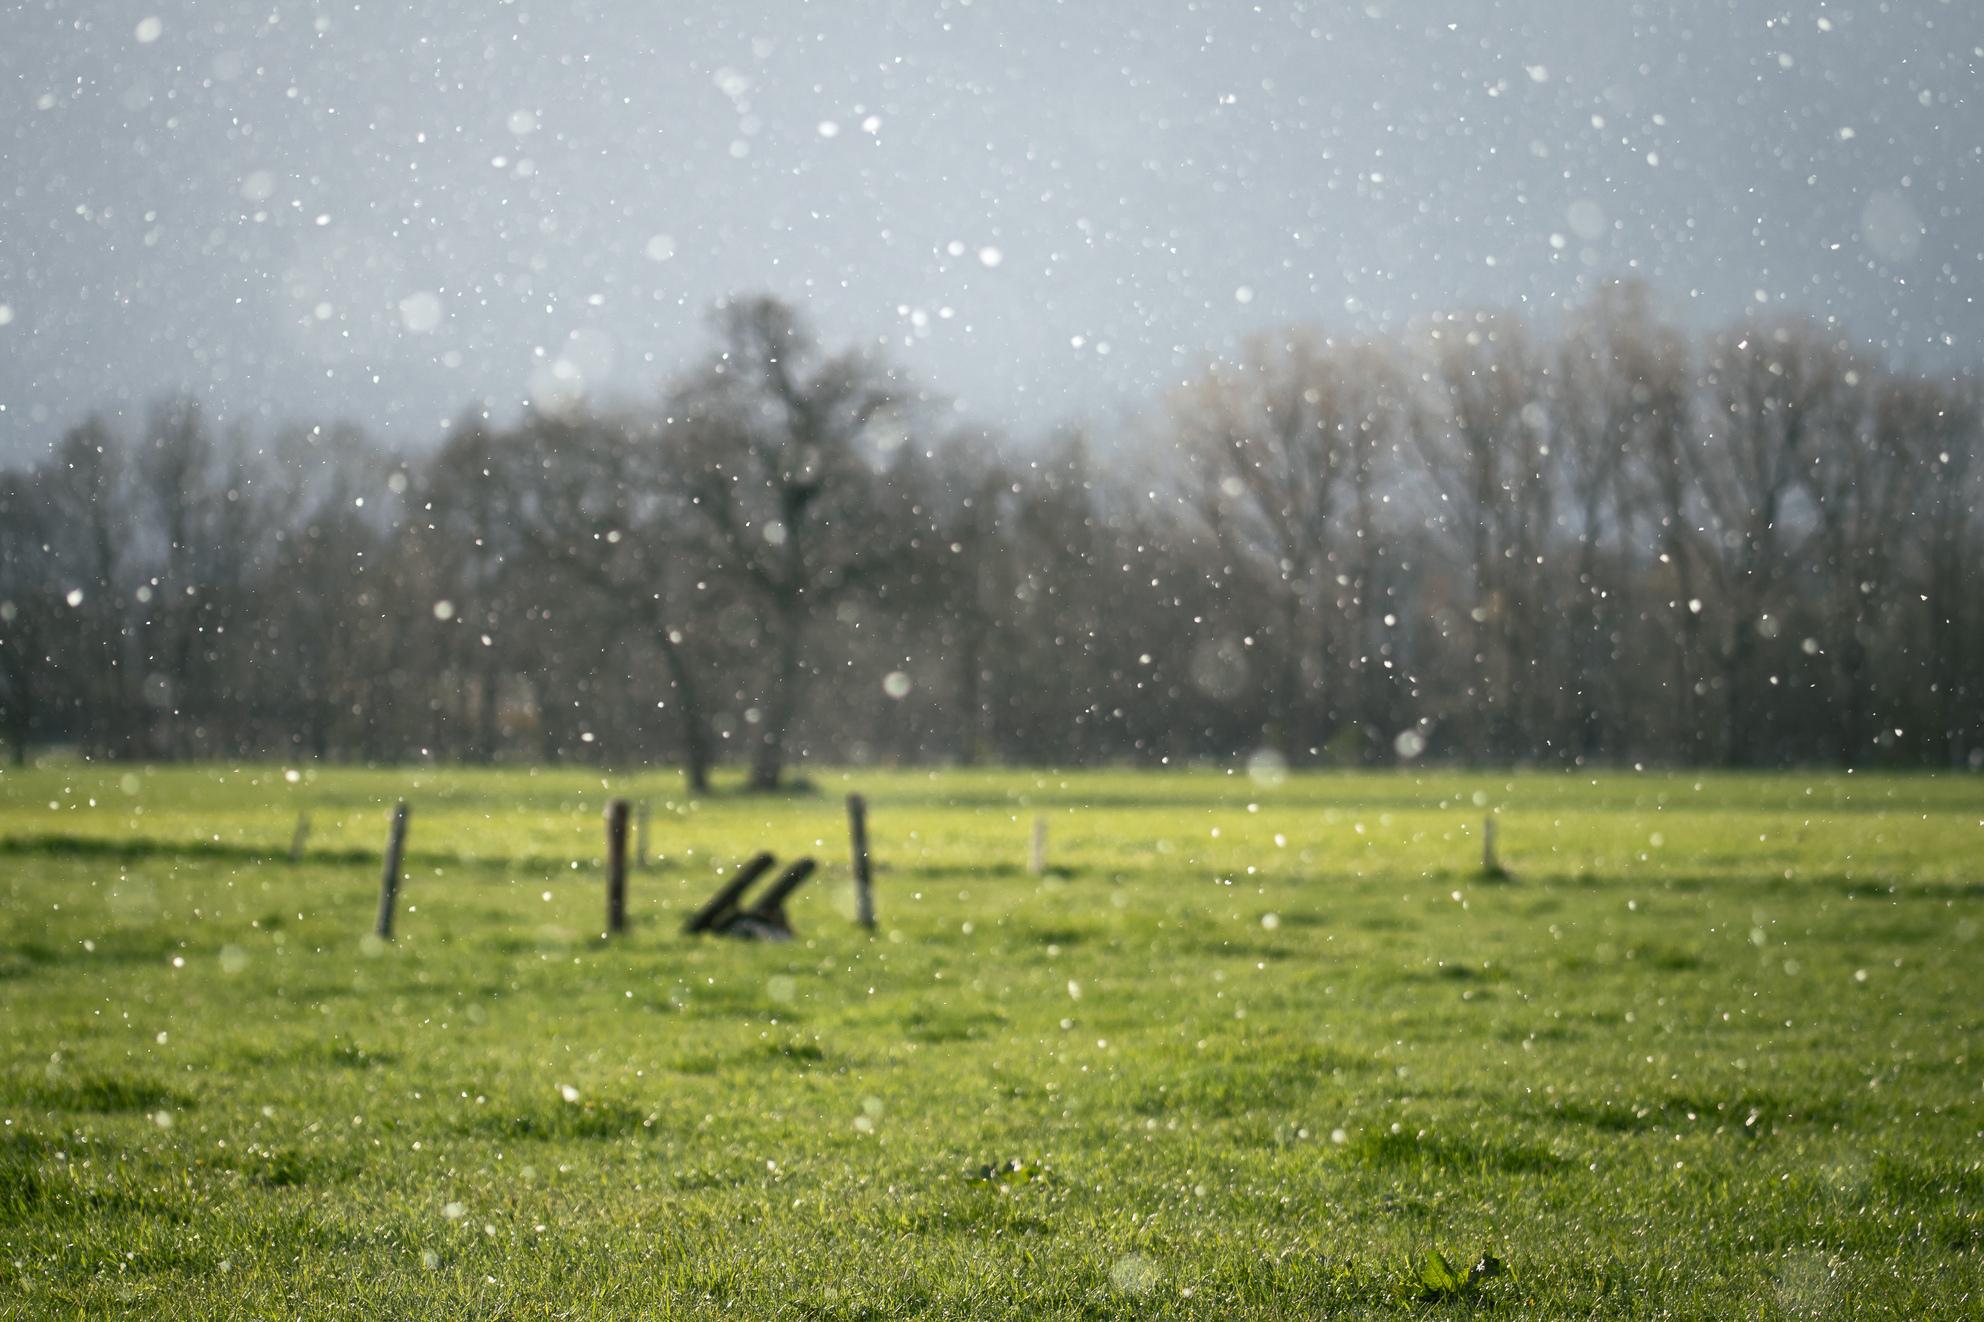 April doet wat hij wil  - Zon en stevige sneeuwbuien op 2de paasdag - foto door windvanger op 08-04-2021 - locatie: Apeldoorn, Nederland - deze foto bevat: landschap, sneeuw, zon, buitengebied, pasen, apeldoorn, water, lucht, fabriek, wolk, atmosfeer, dag, natuurlijk landschap, blad, natuurlijke omgeving, boom